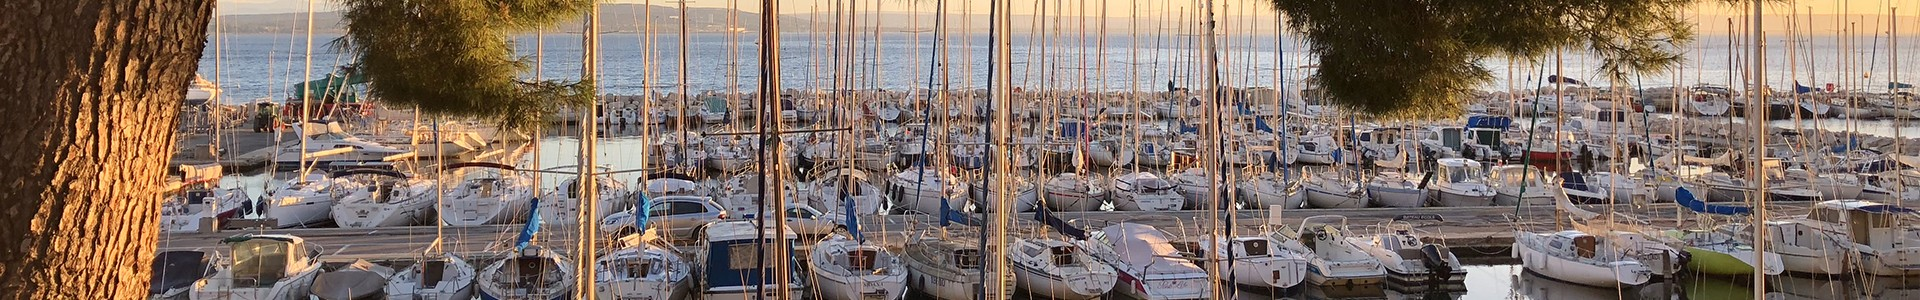 Le Port des Heures Claires d'Istres